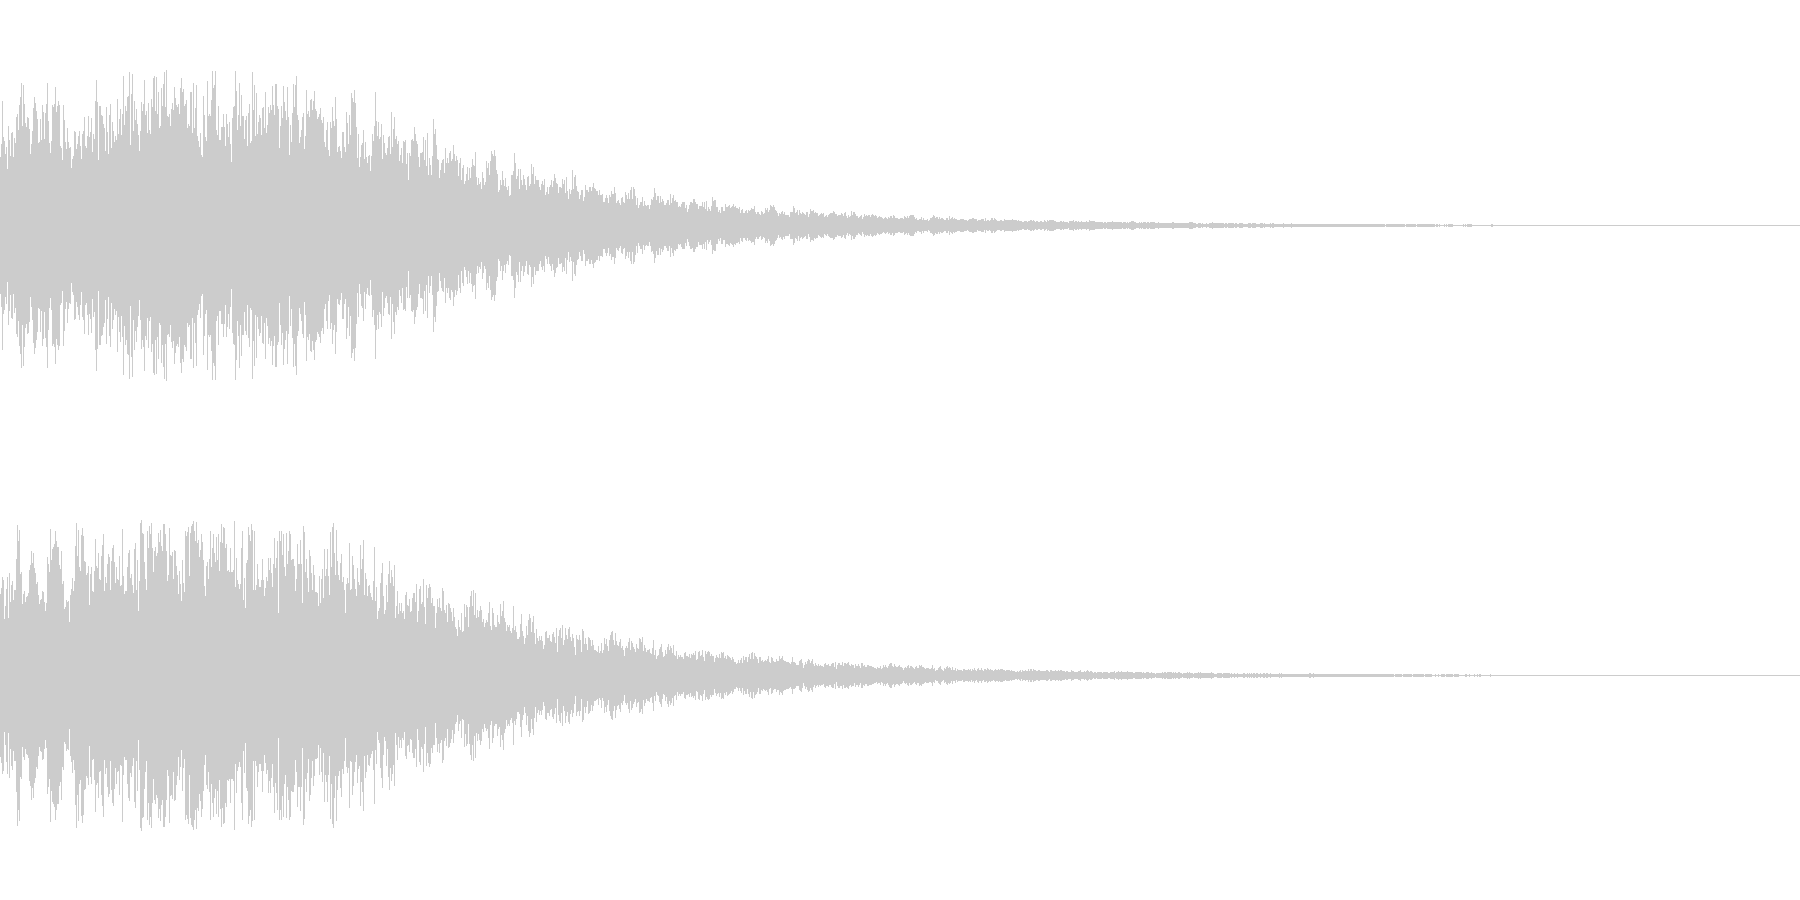 シンセサイザー ゲームスタート1の未再生の波形